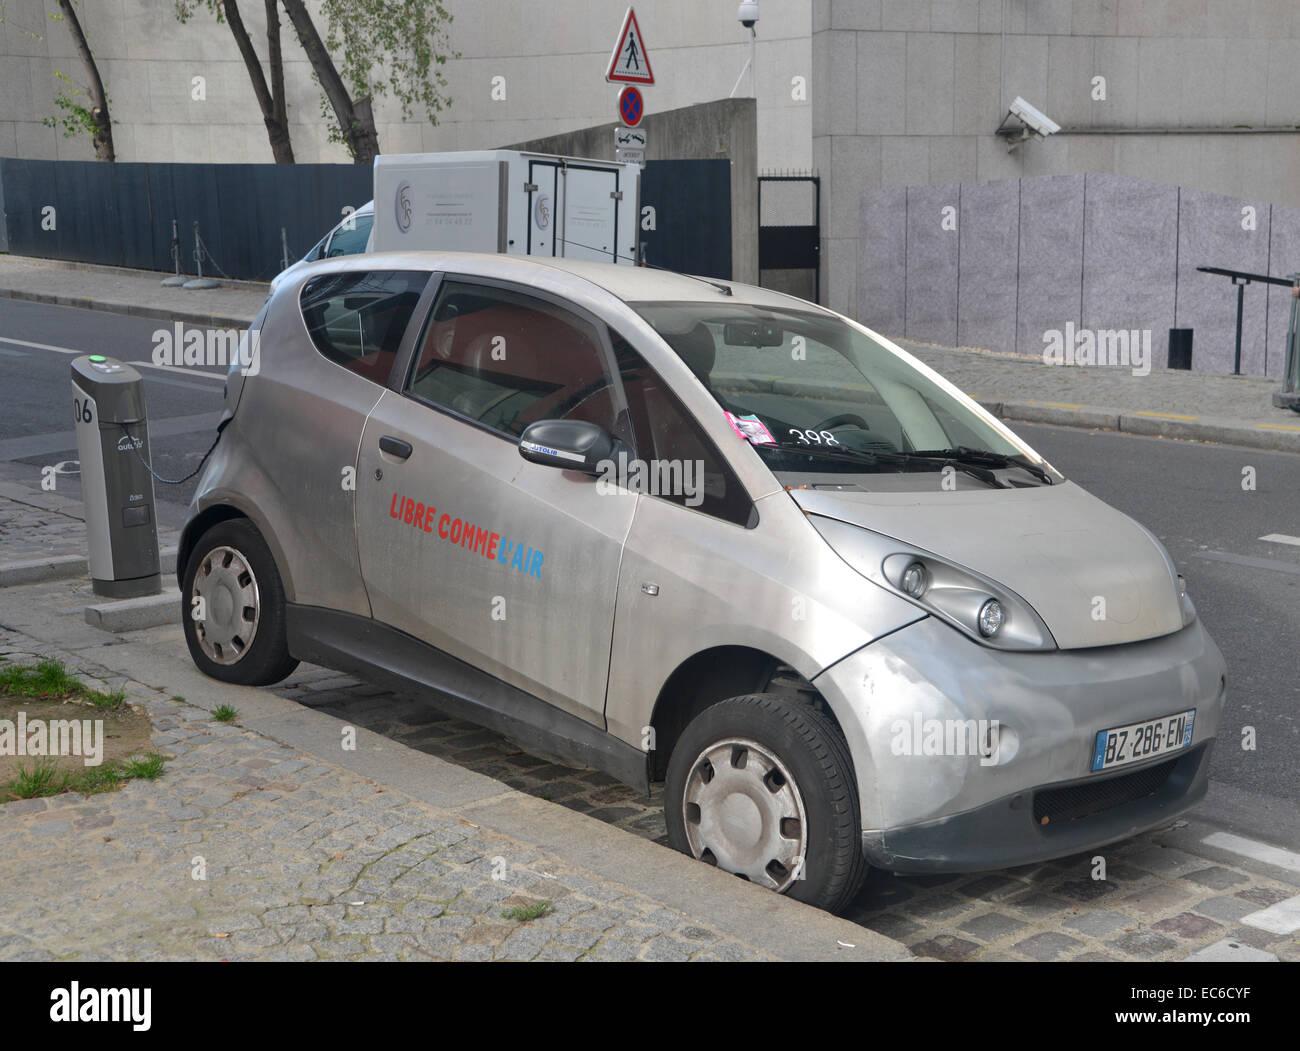 Schema Elettrico Auto : Autolib automobile condividere lo schema elettrico auto